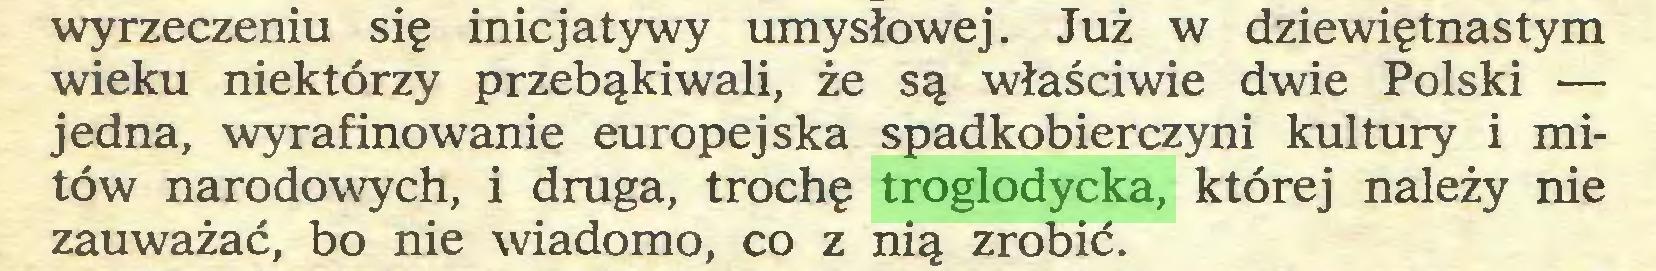 (...) wyrzeczeniu się inicjatywy umysłowej. Już w dziewiętnastym wieku niektórzy przebąkiwali, że są właściwie dwie Polski — jedna, wyrafinowanie europejska spadkobierczyni kultury i mitów narodowych, i druga, trochę troglodycka, której należy nie zauważać, bo nie wiadomo, co z nią zrobić...